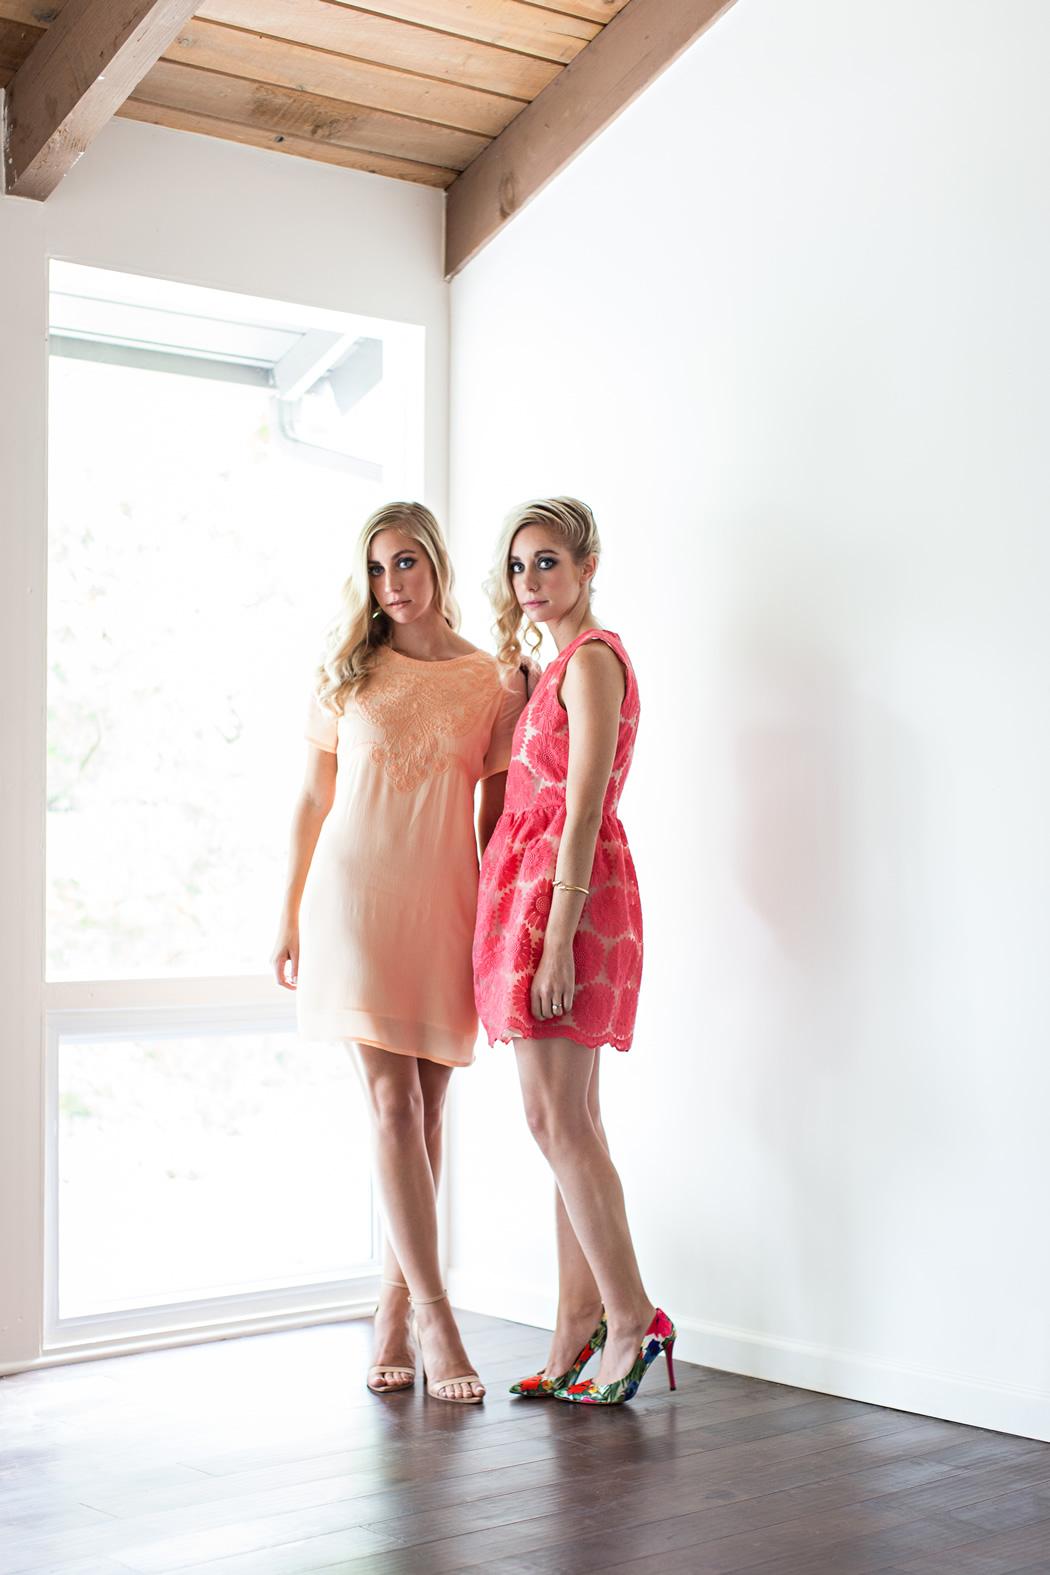 fashionColumnTwins_modern_012